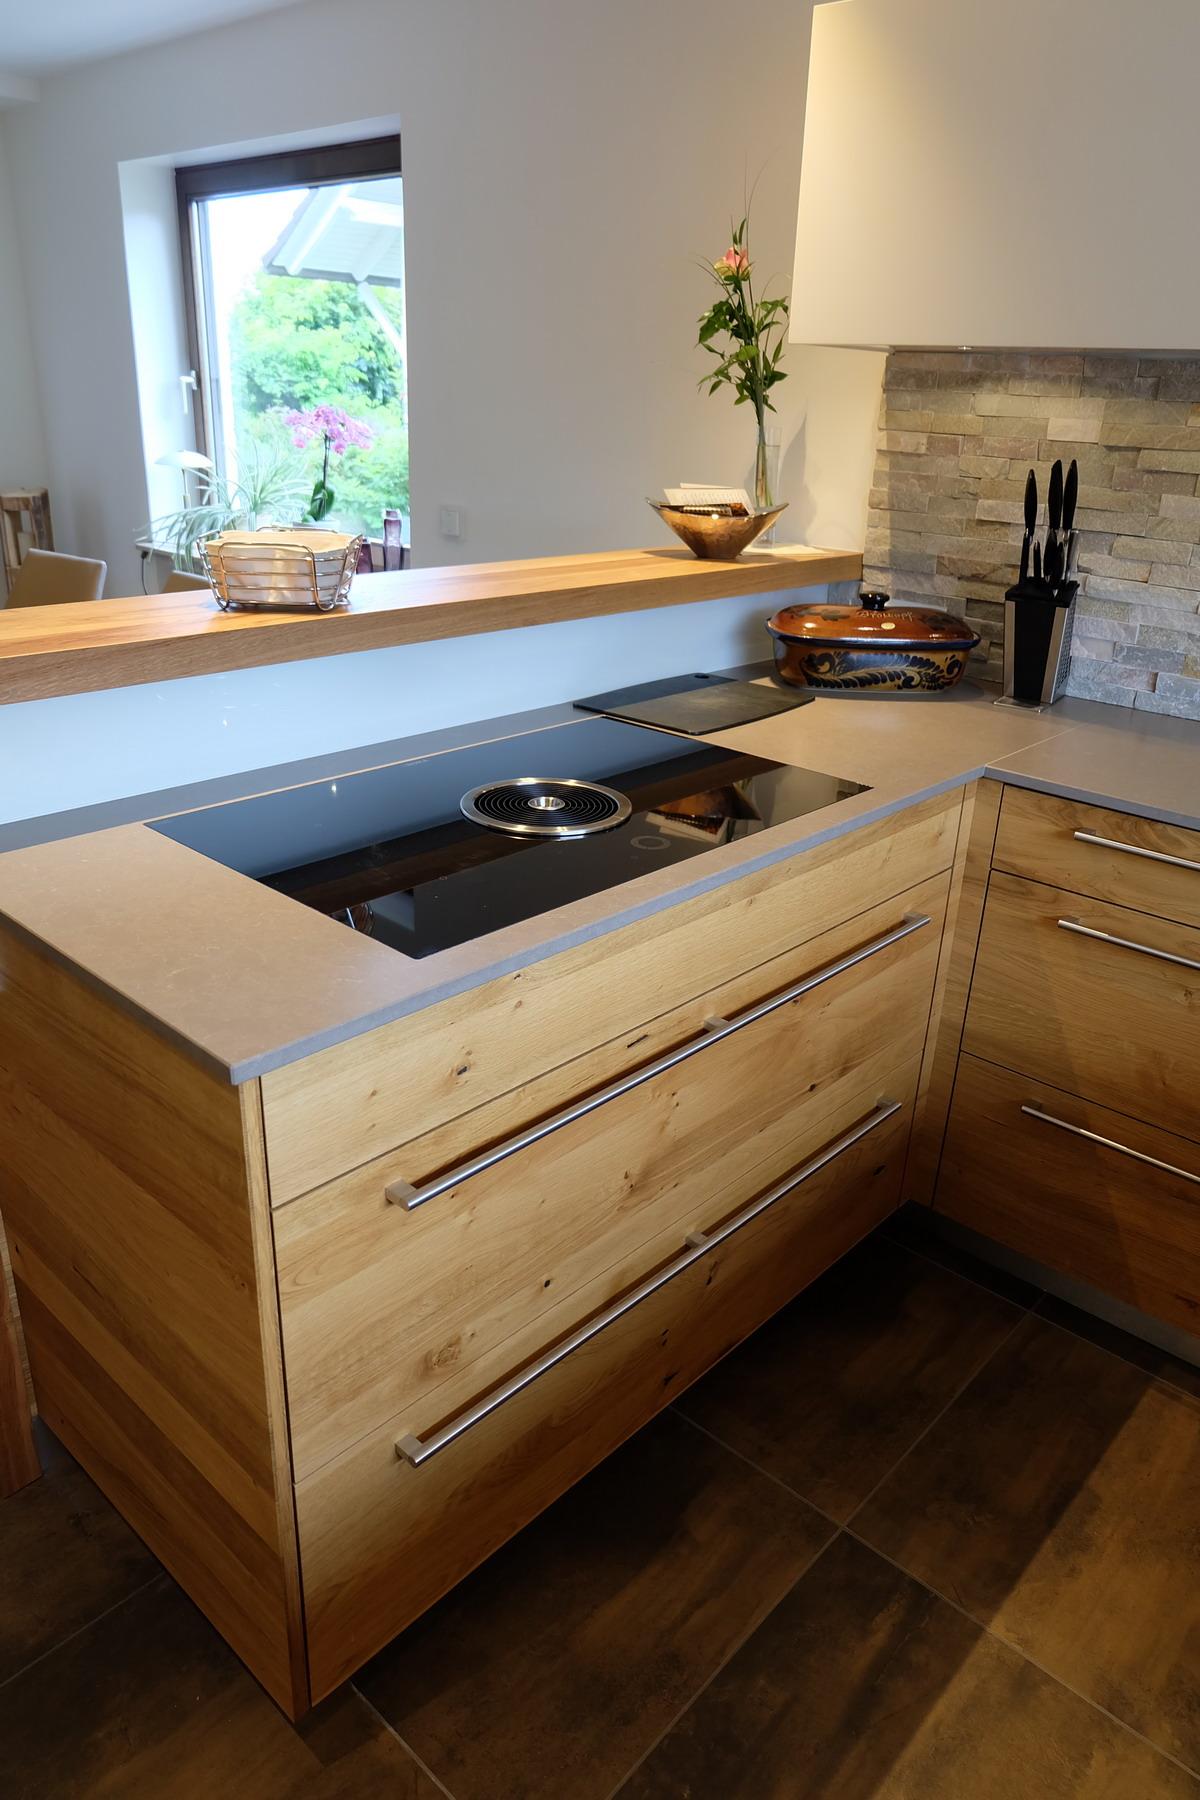 Küche in Eiche und weiß Lack